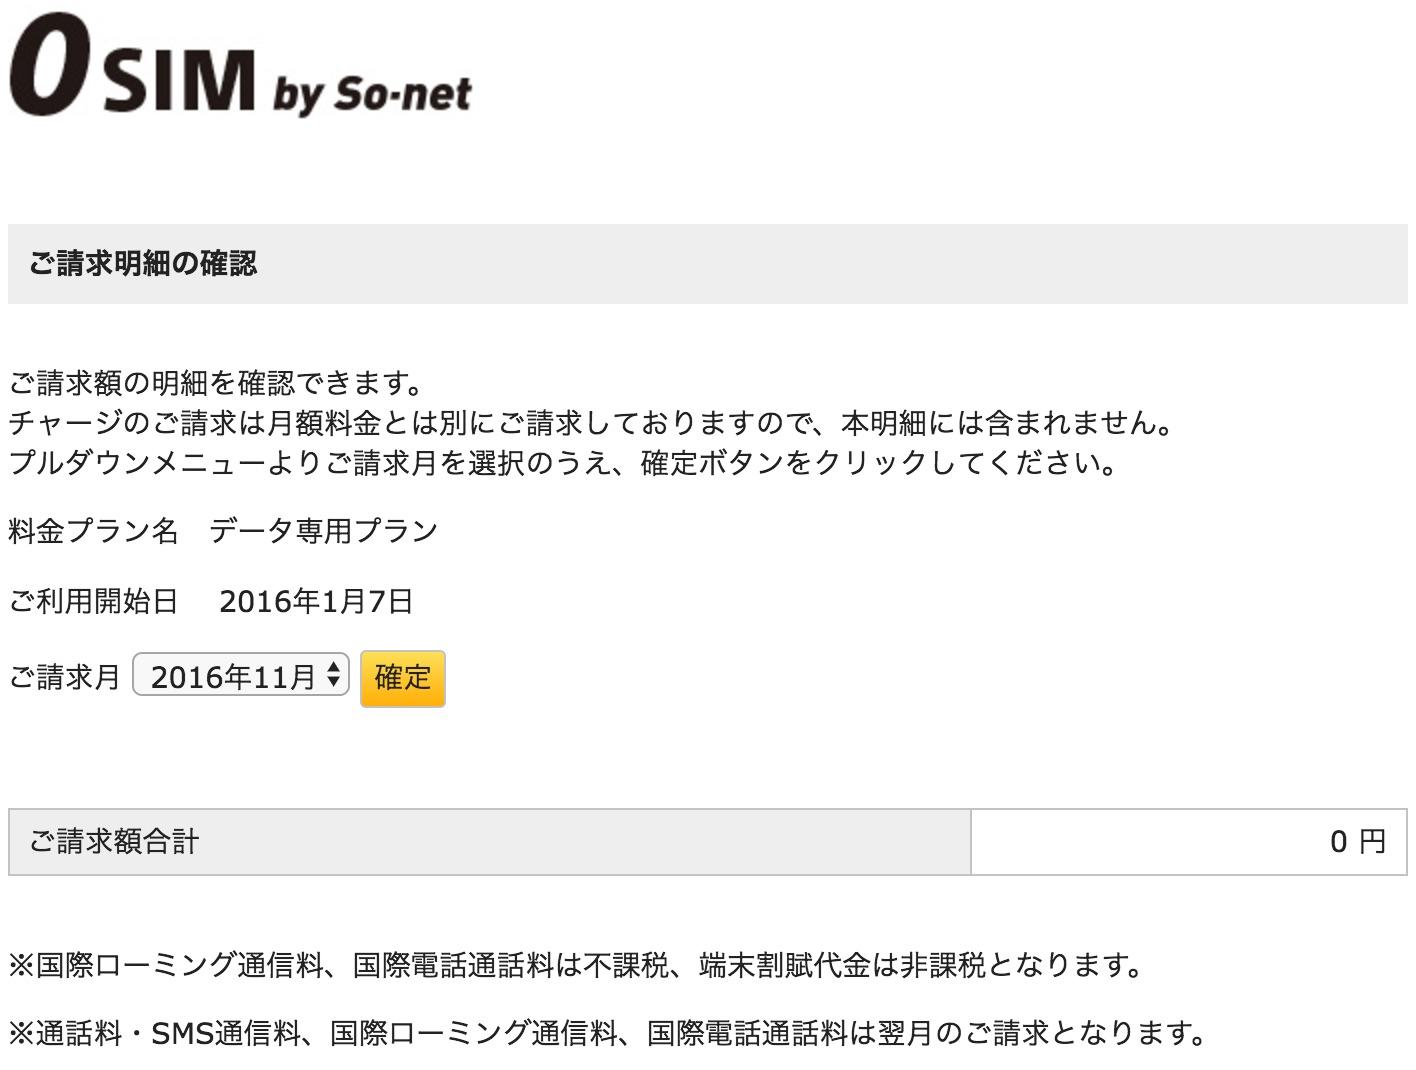 0 sim by So-net 2016/11 明細